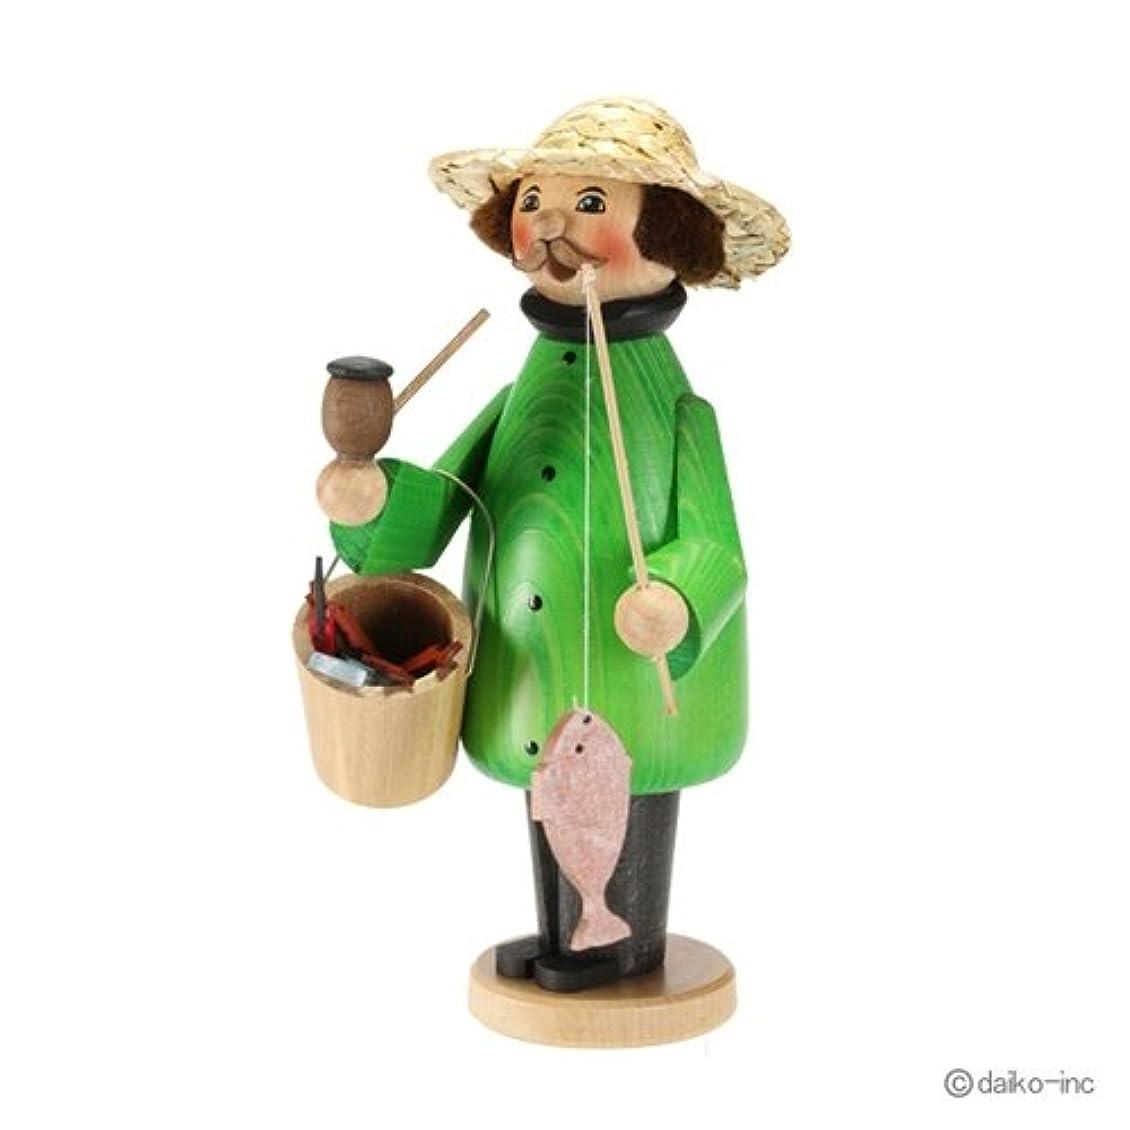 法律コロニー熱狂的なクーネルト kuhnert ミニパイプ人形香炉 釣り人